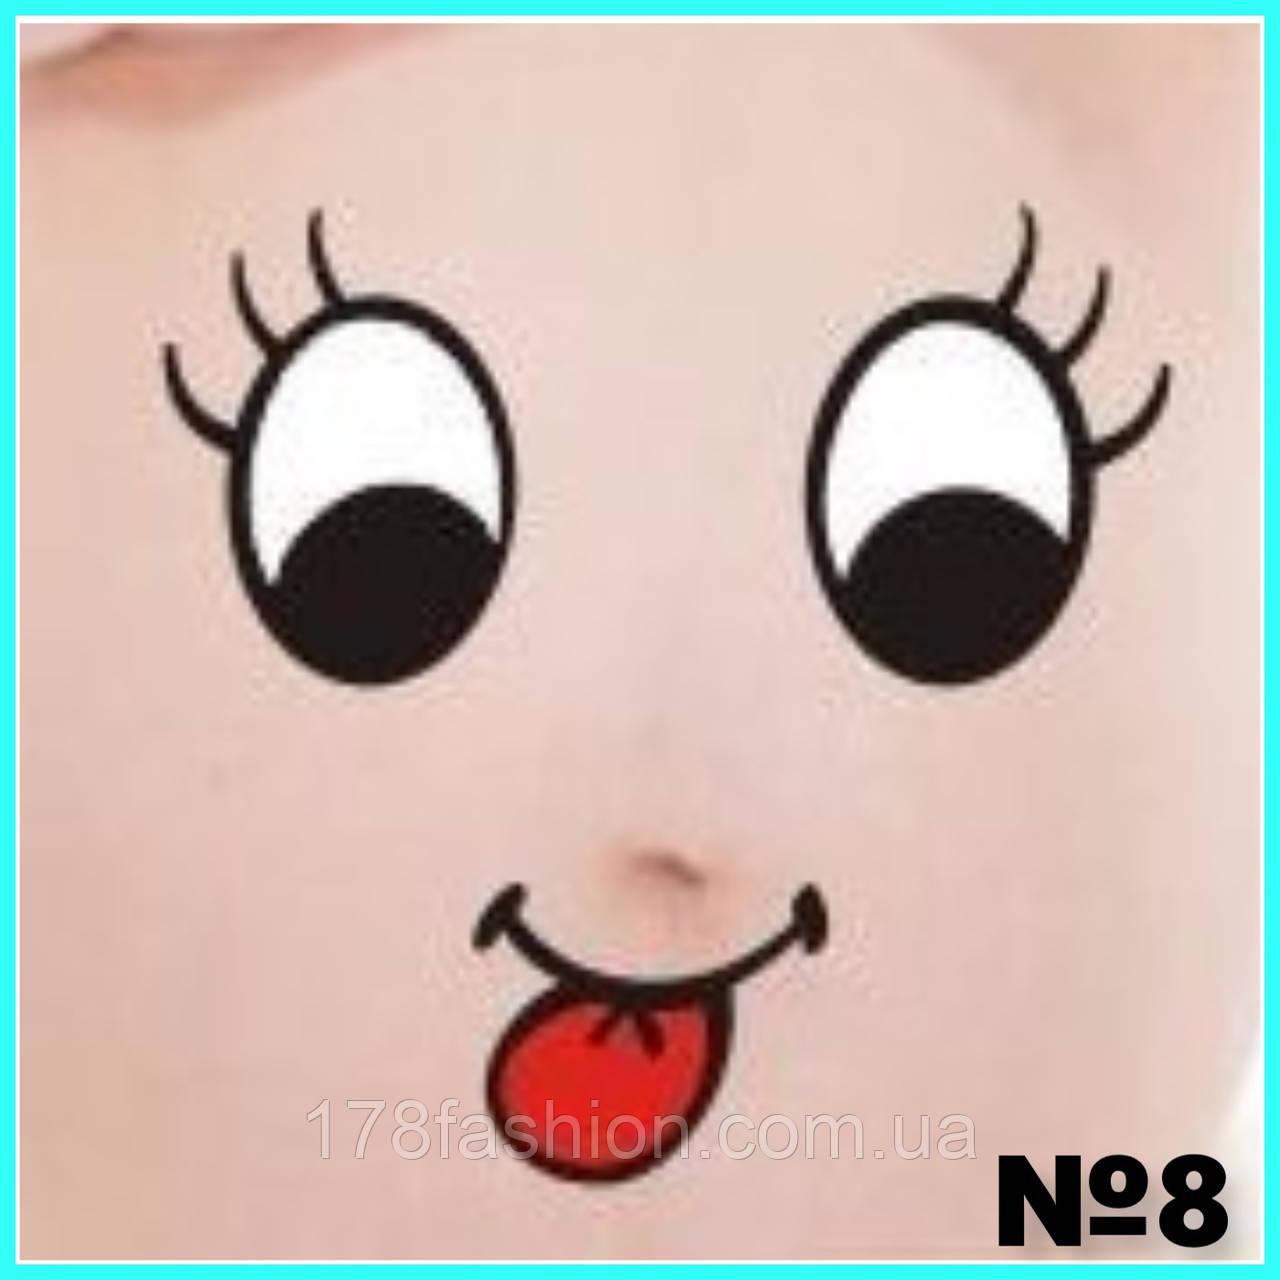 Забавная и креативная наклейка на беременный животик для фотосессии №8